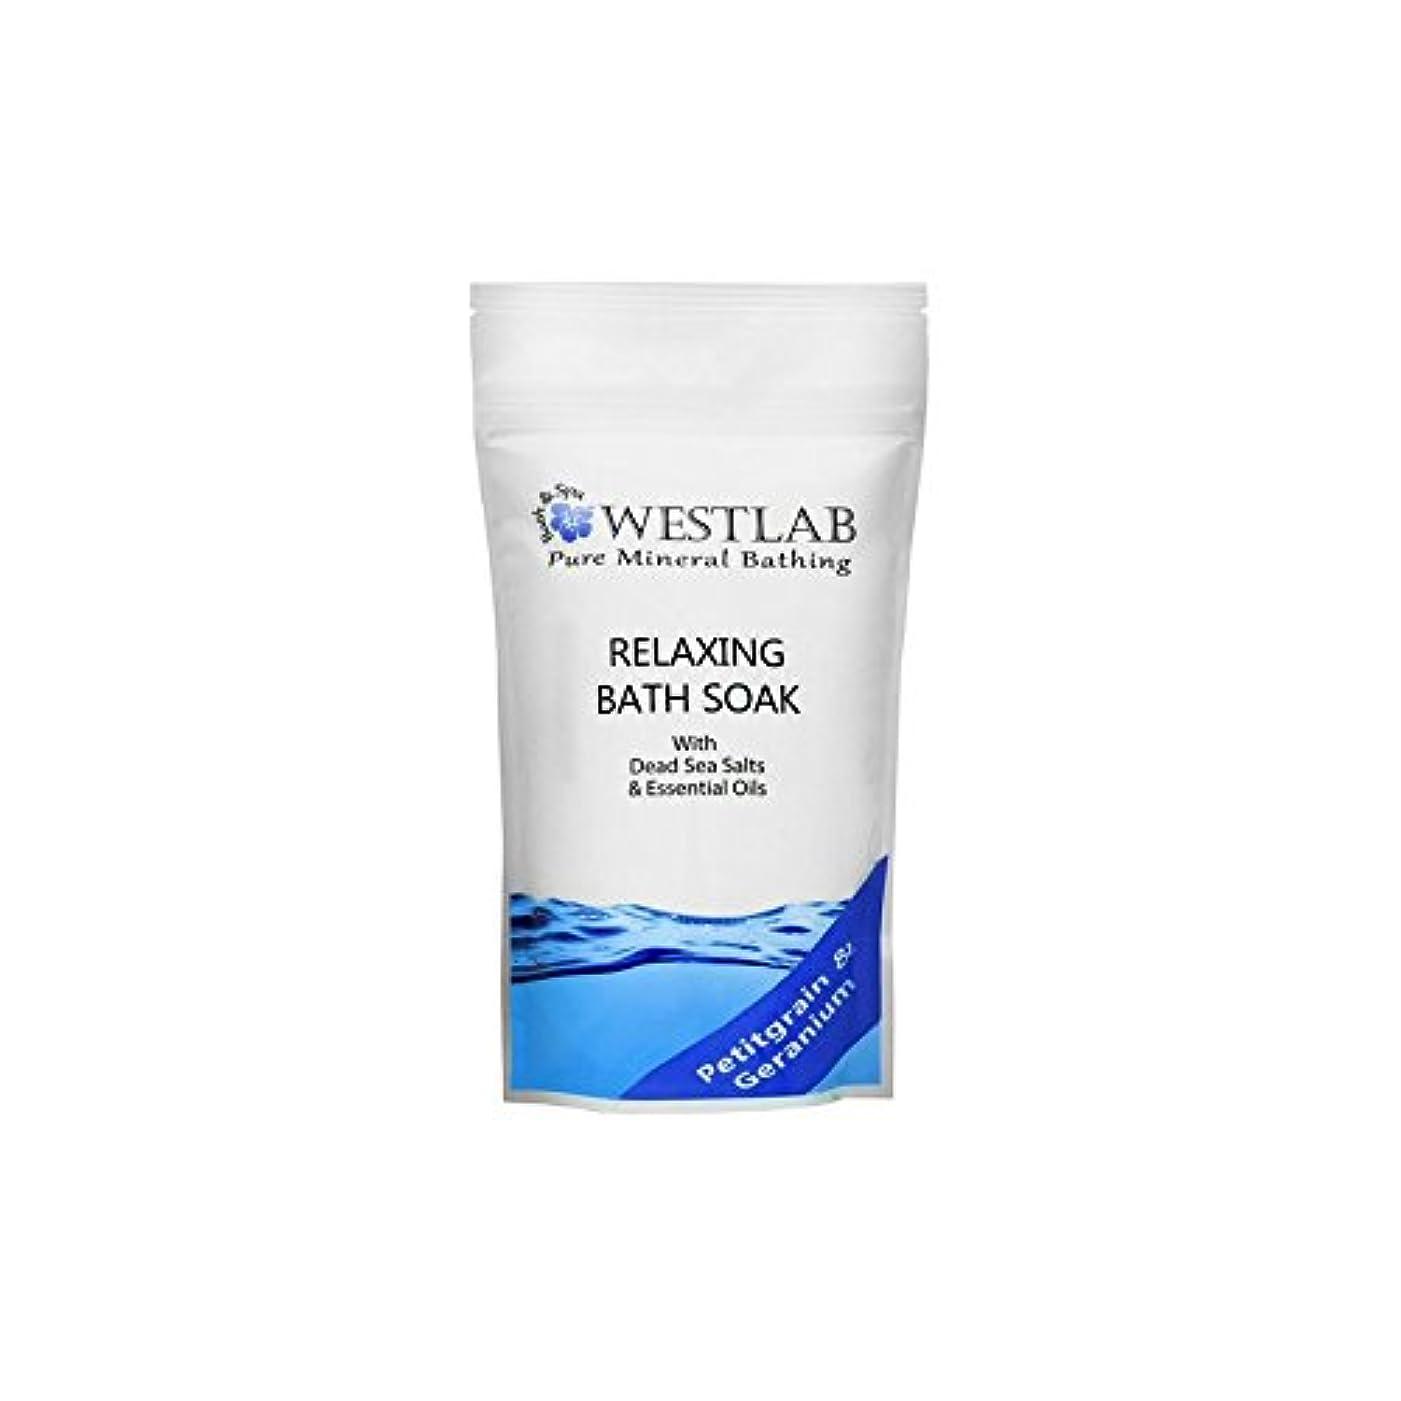 劇場遵守する征服するWestlab Relax Dead Sea Salt Bath Soak (500g) - 死海の塩浴浸漬(500グラム)をリラックス [並行輸入品]